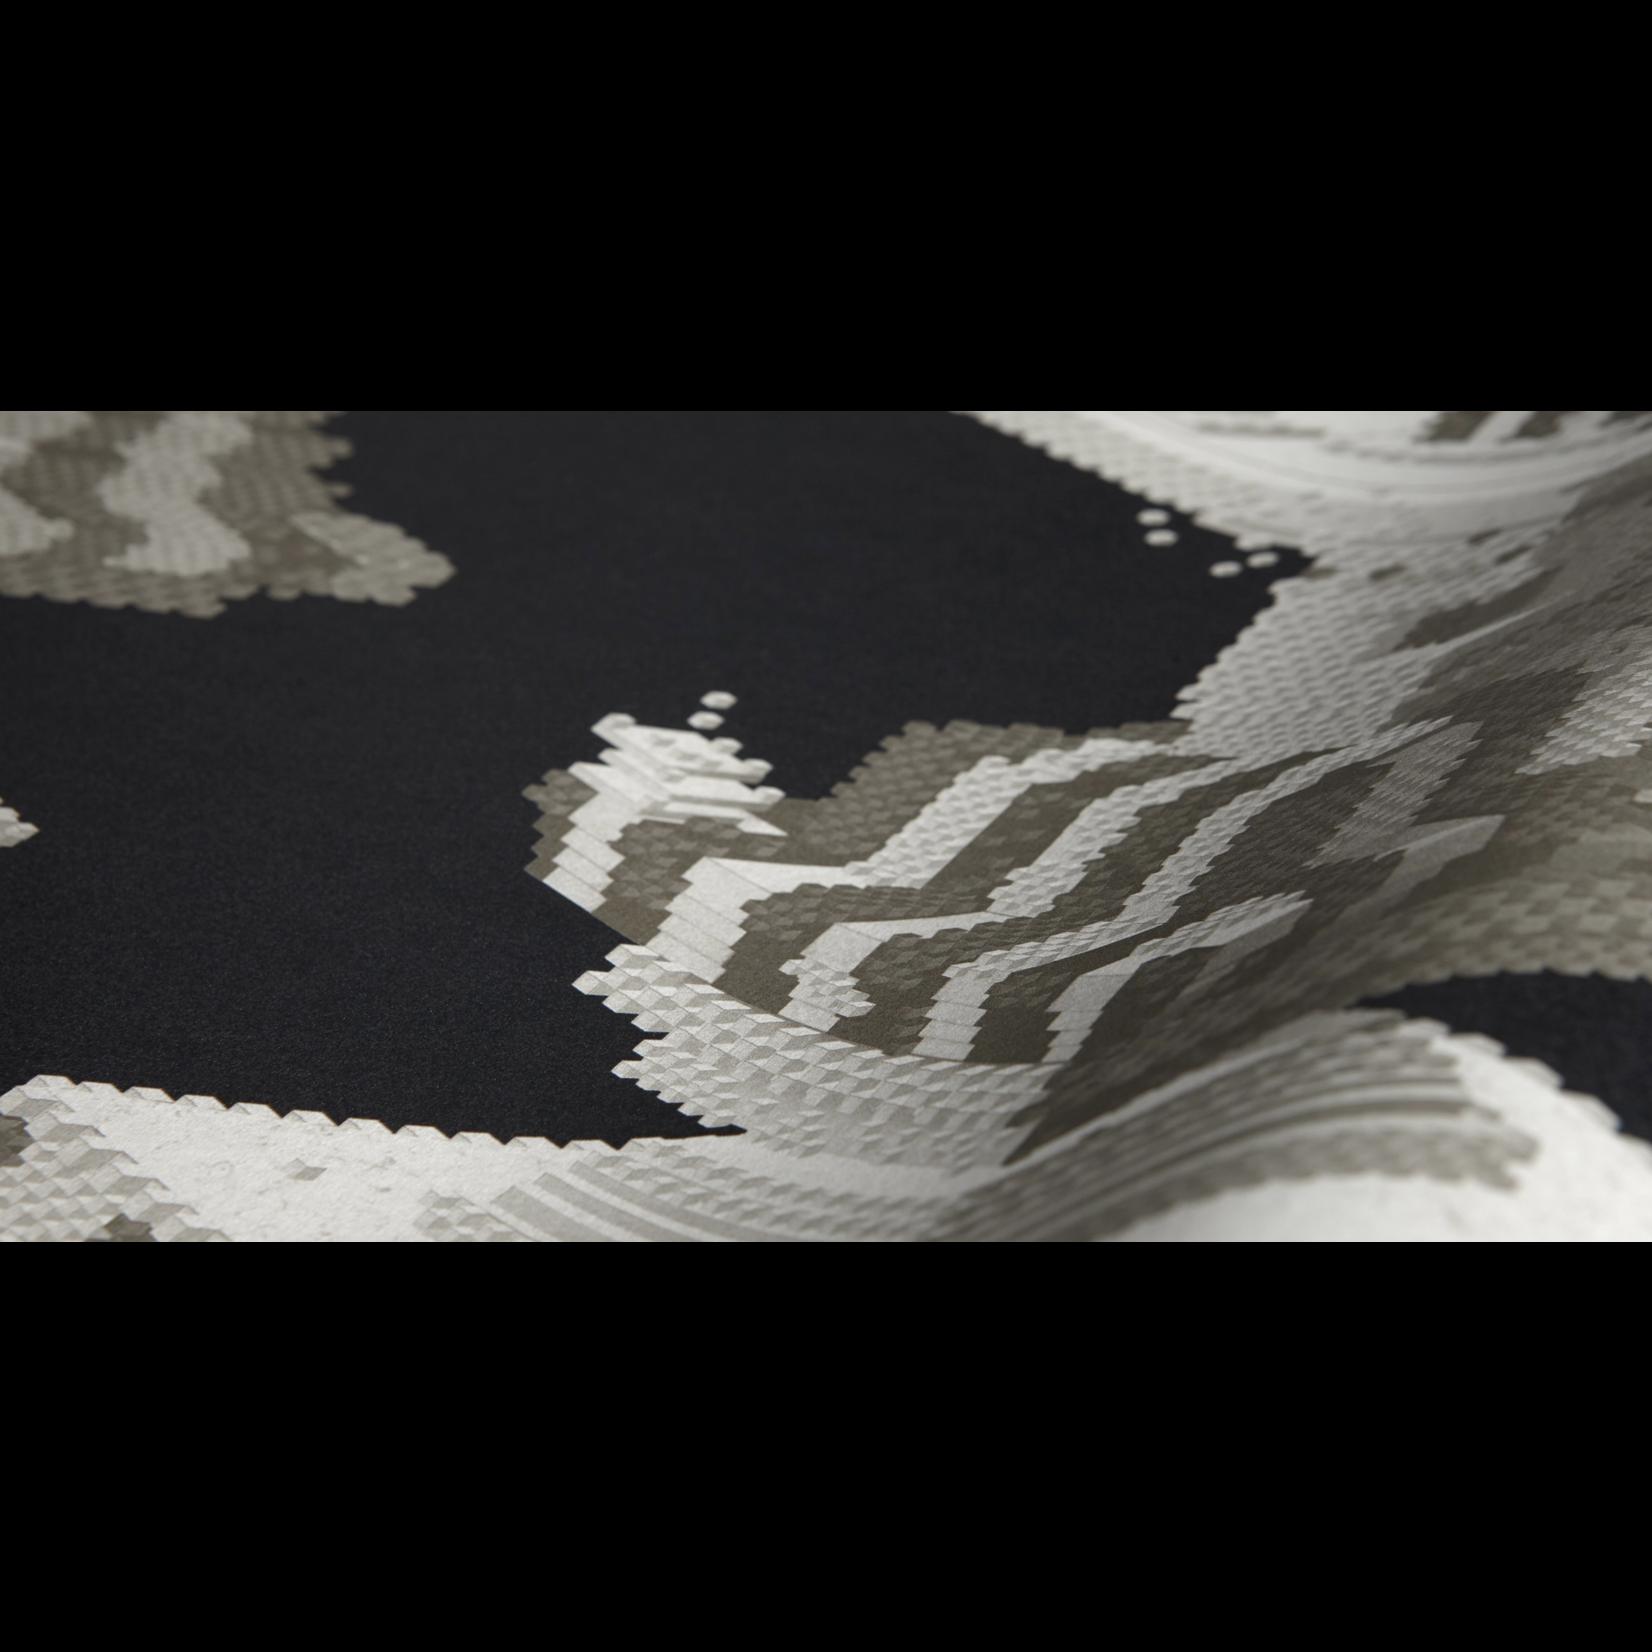 Kit Miles Black Lodge | Charbon de bois